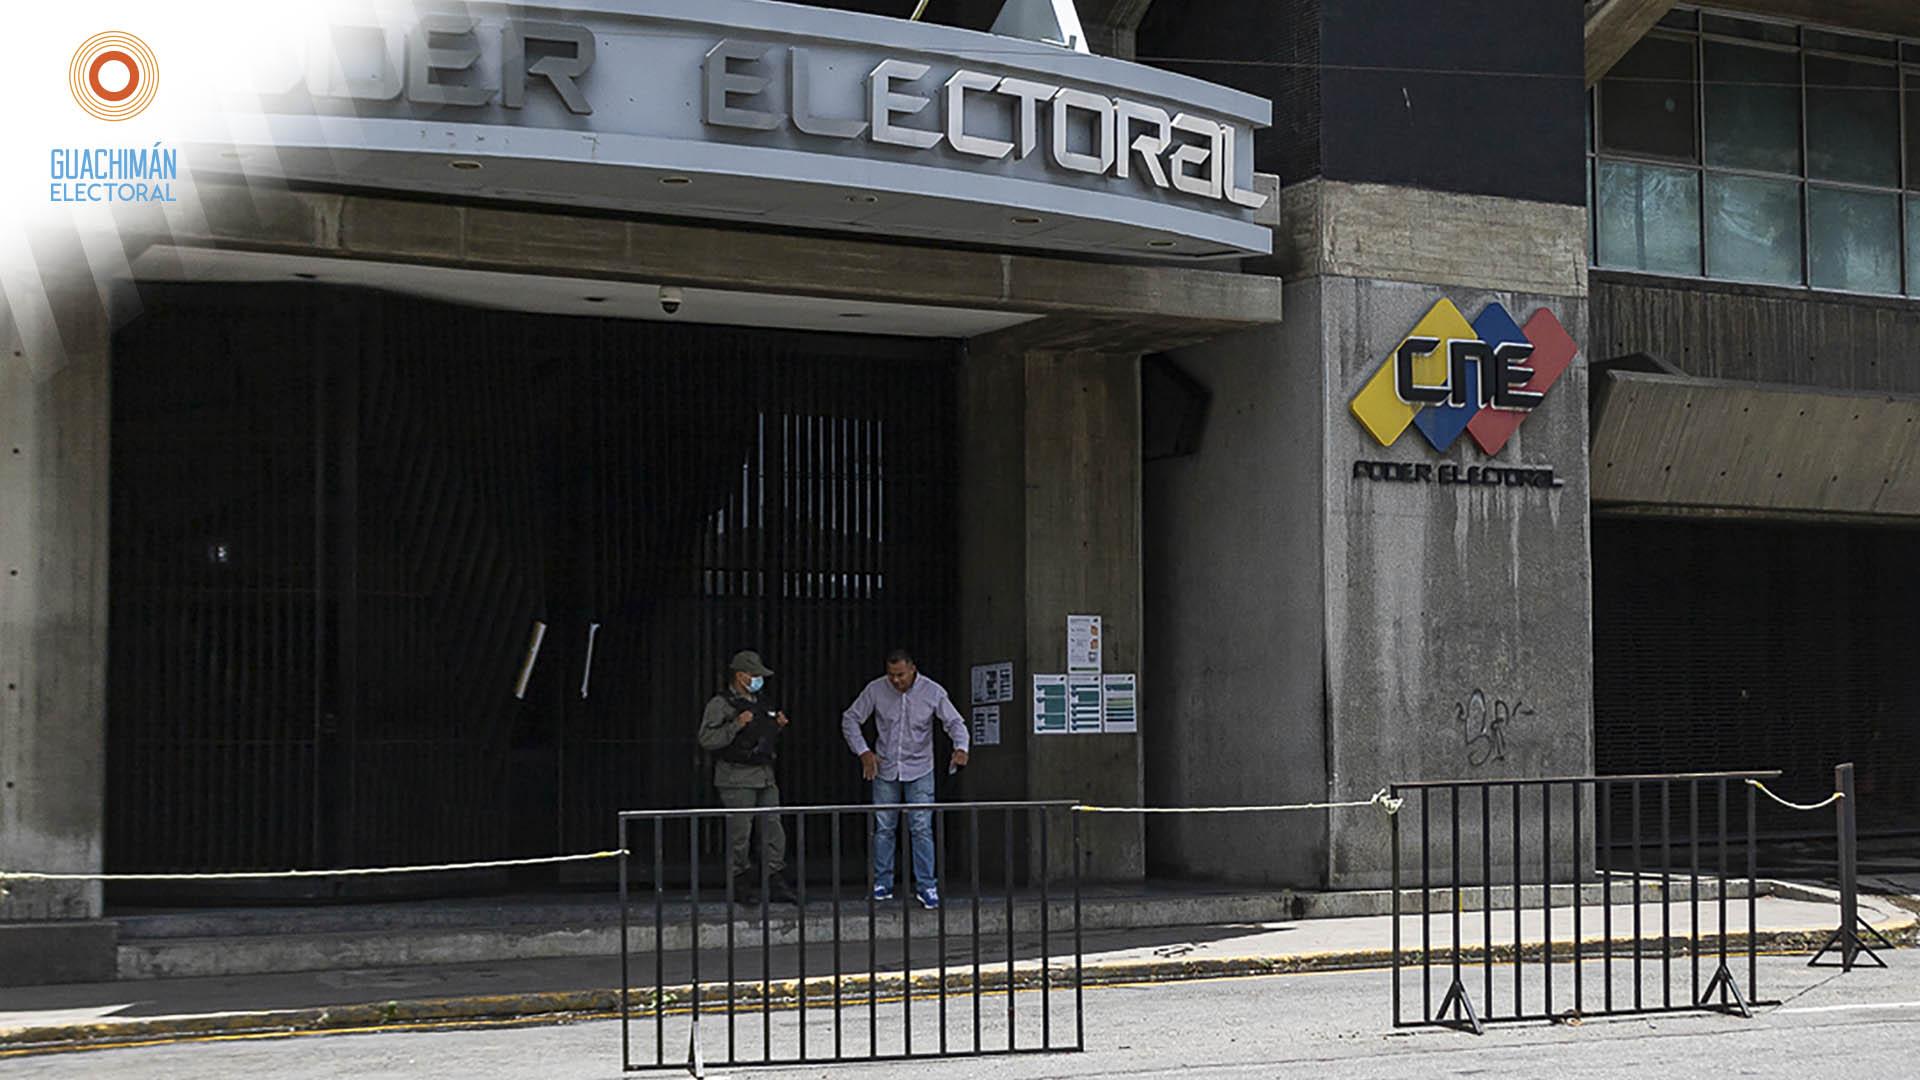 #GuachimánElectoral | Árbitro parcial, normas amañadas y falta de observación frenan aval internacional de las parlamentarias